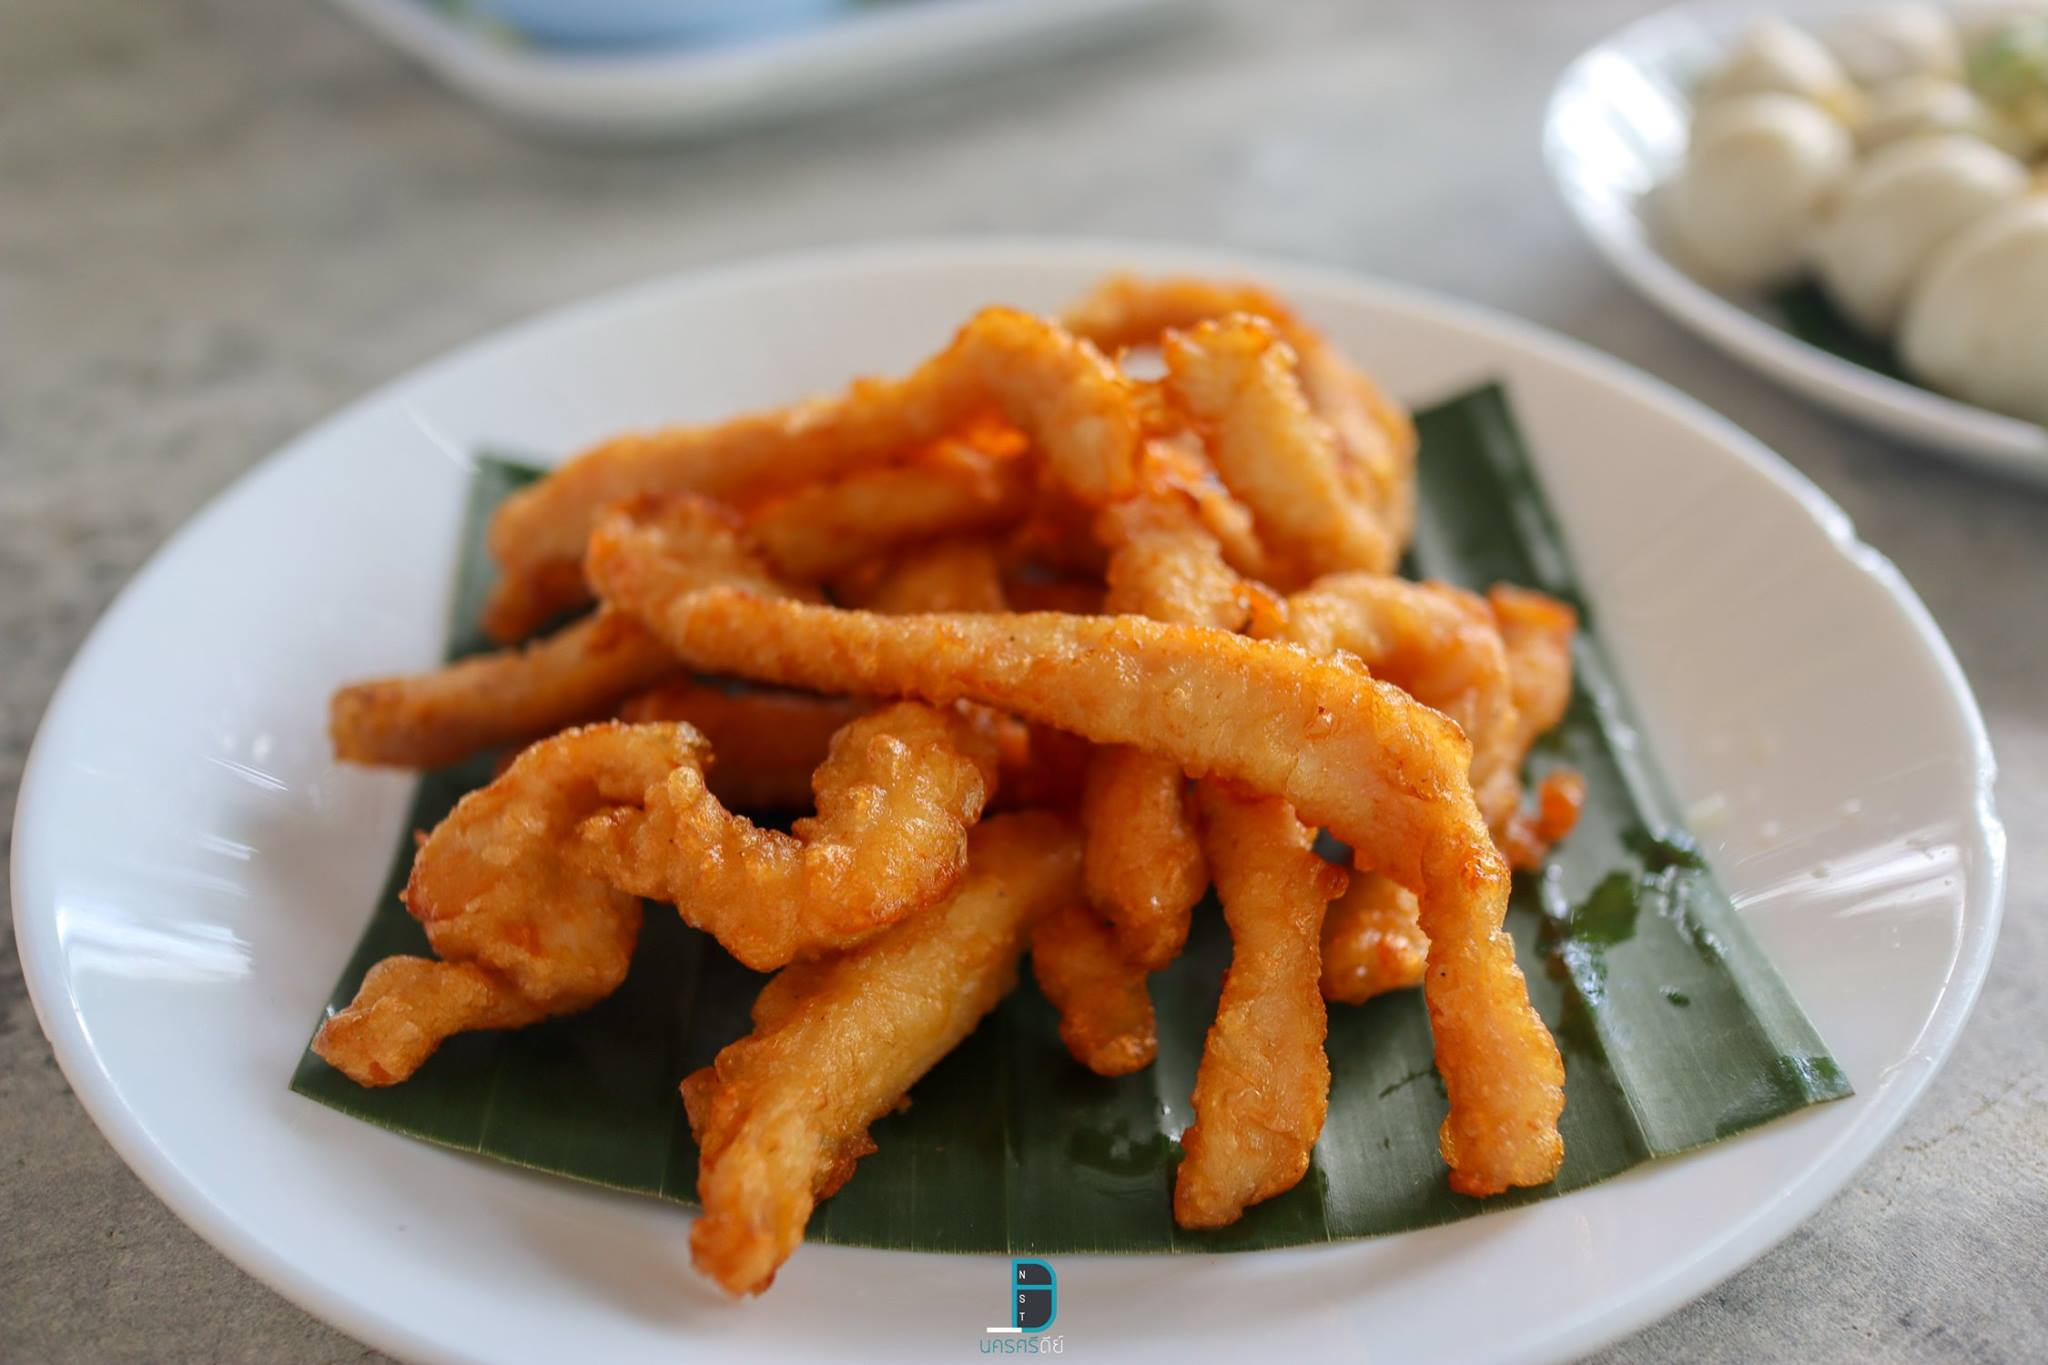 ขนมจีน ท่าศาลา หนมจีนครูพร น้ำยาปูนิ่ม และ Sala Cafe at ท่าศาลา นครศรีดีย์